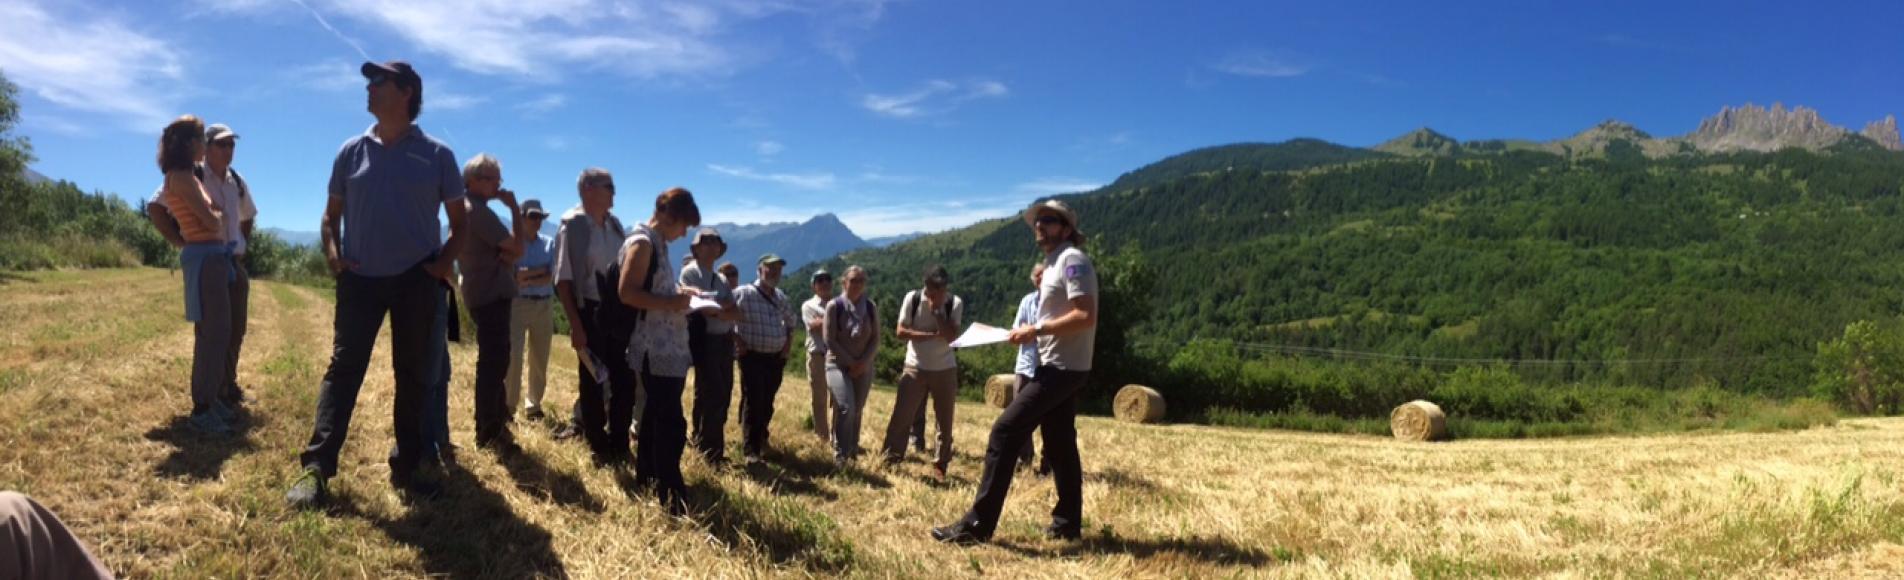 Conseil scientifique réuni dans l'Embrunais -juin 2015 - © Christian Couloumy - Parc national des Ecrins